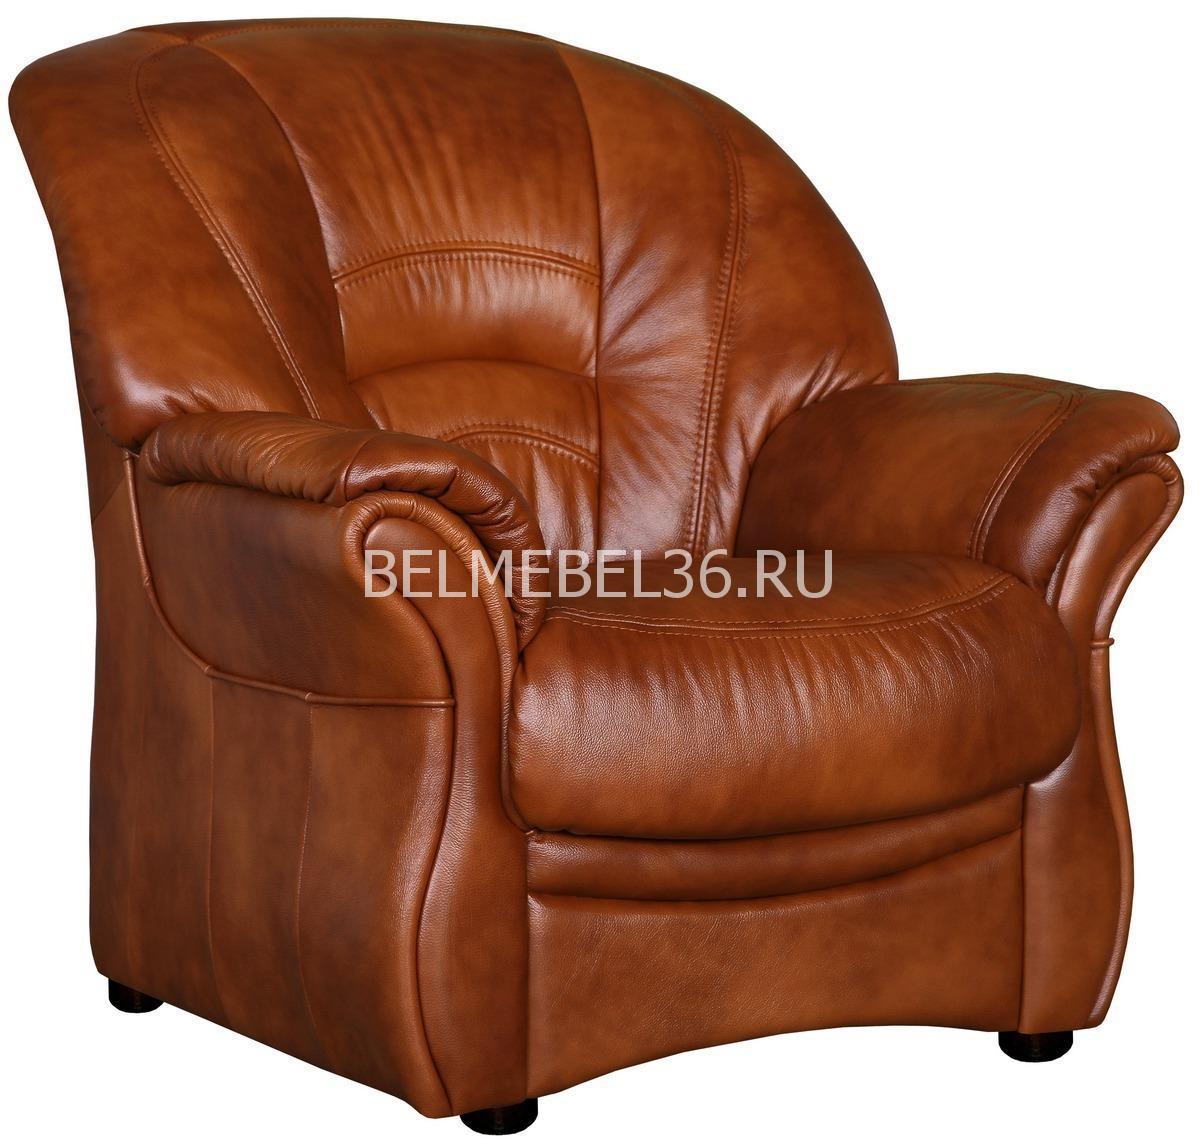 Кресло Биарриц (12) П-Д055 | Белорусская мебель в Воронеже